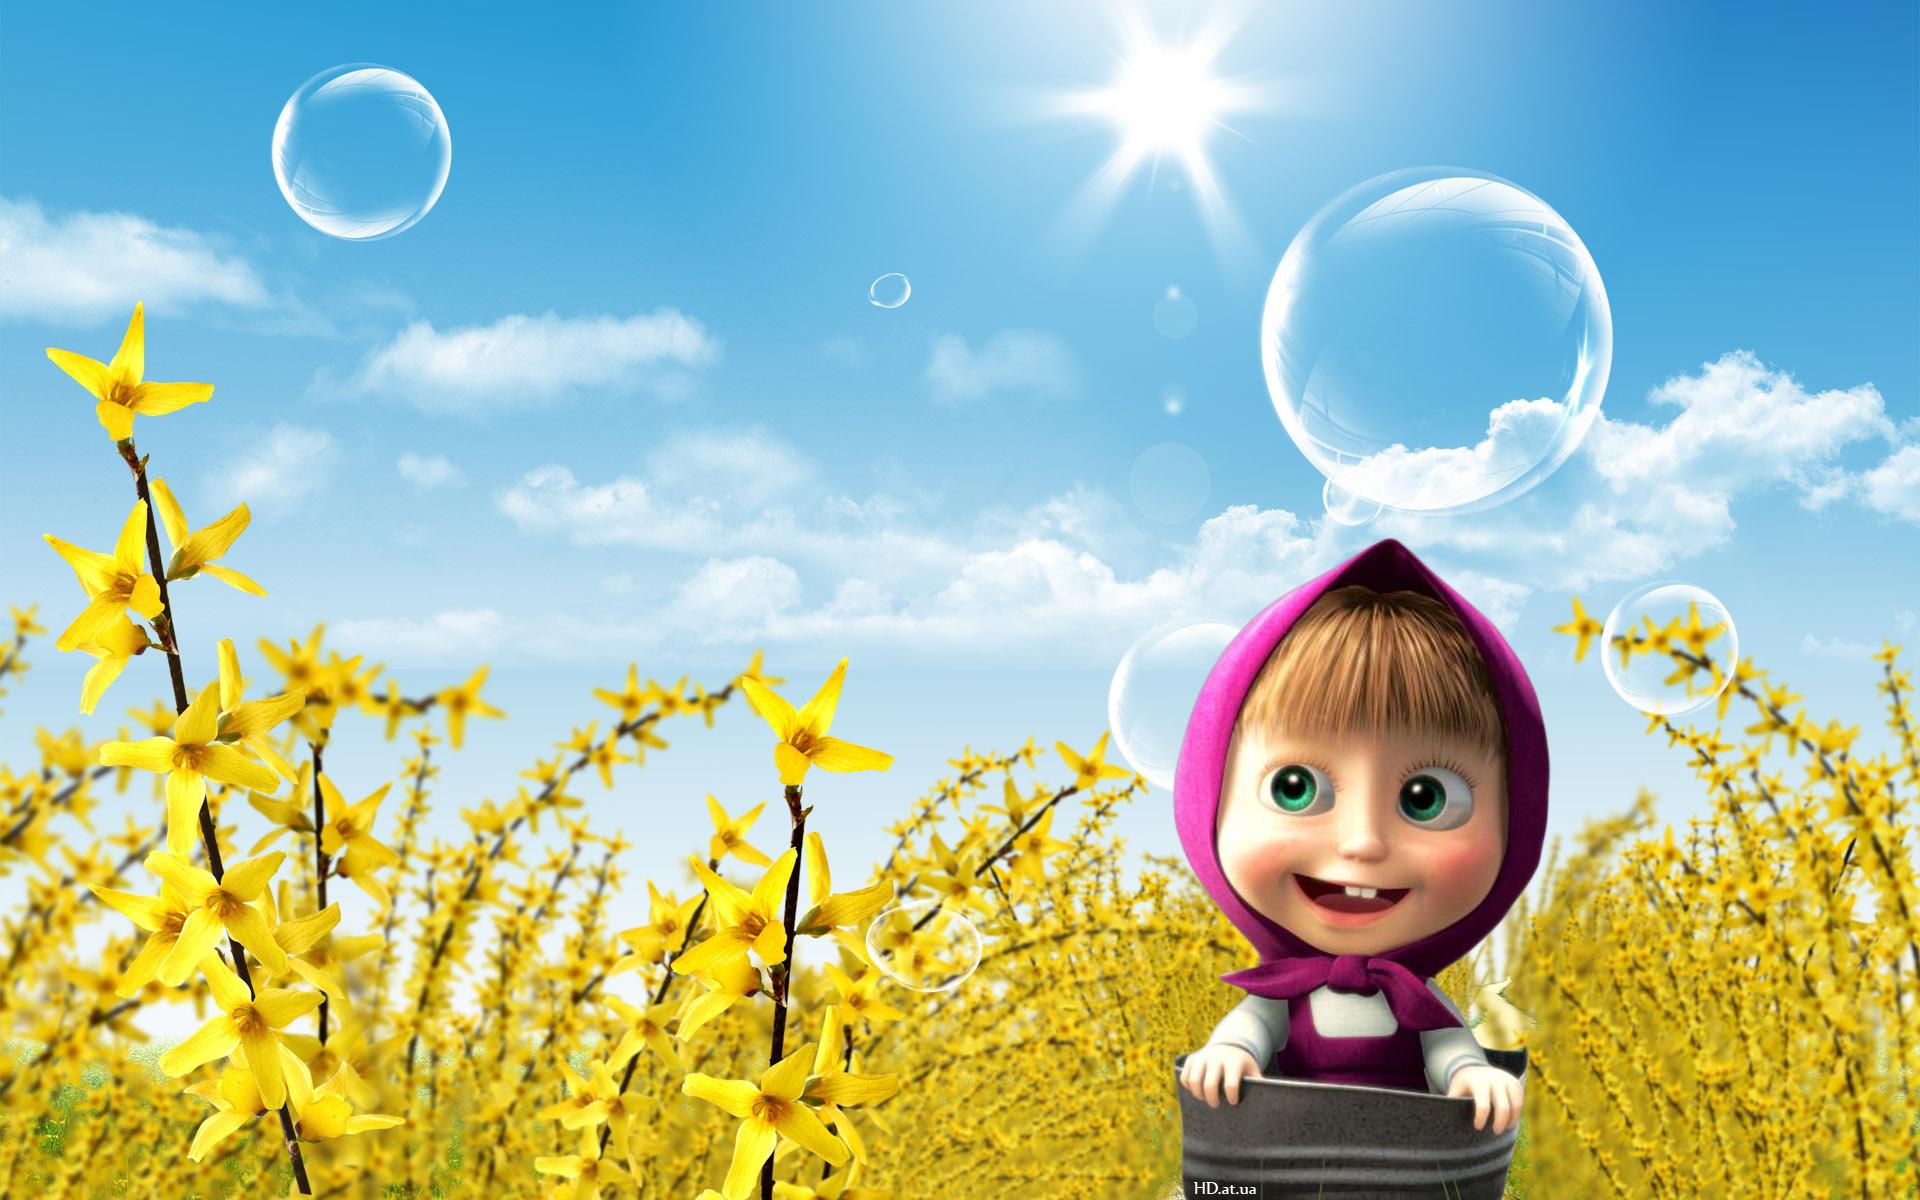 Российский мультфильм «Маша иМедведь» набрал популярность вИталии